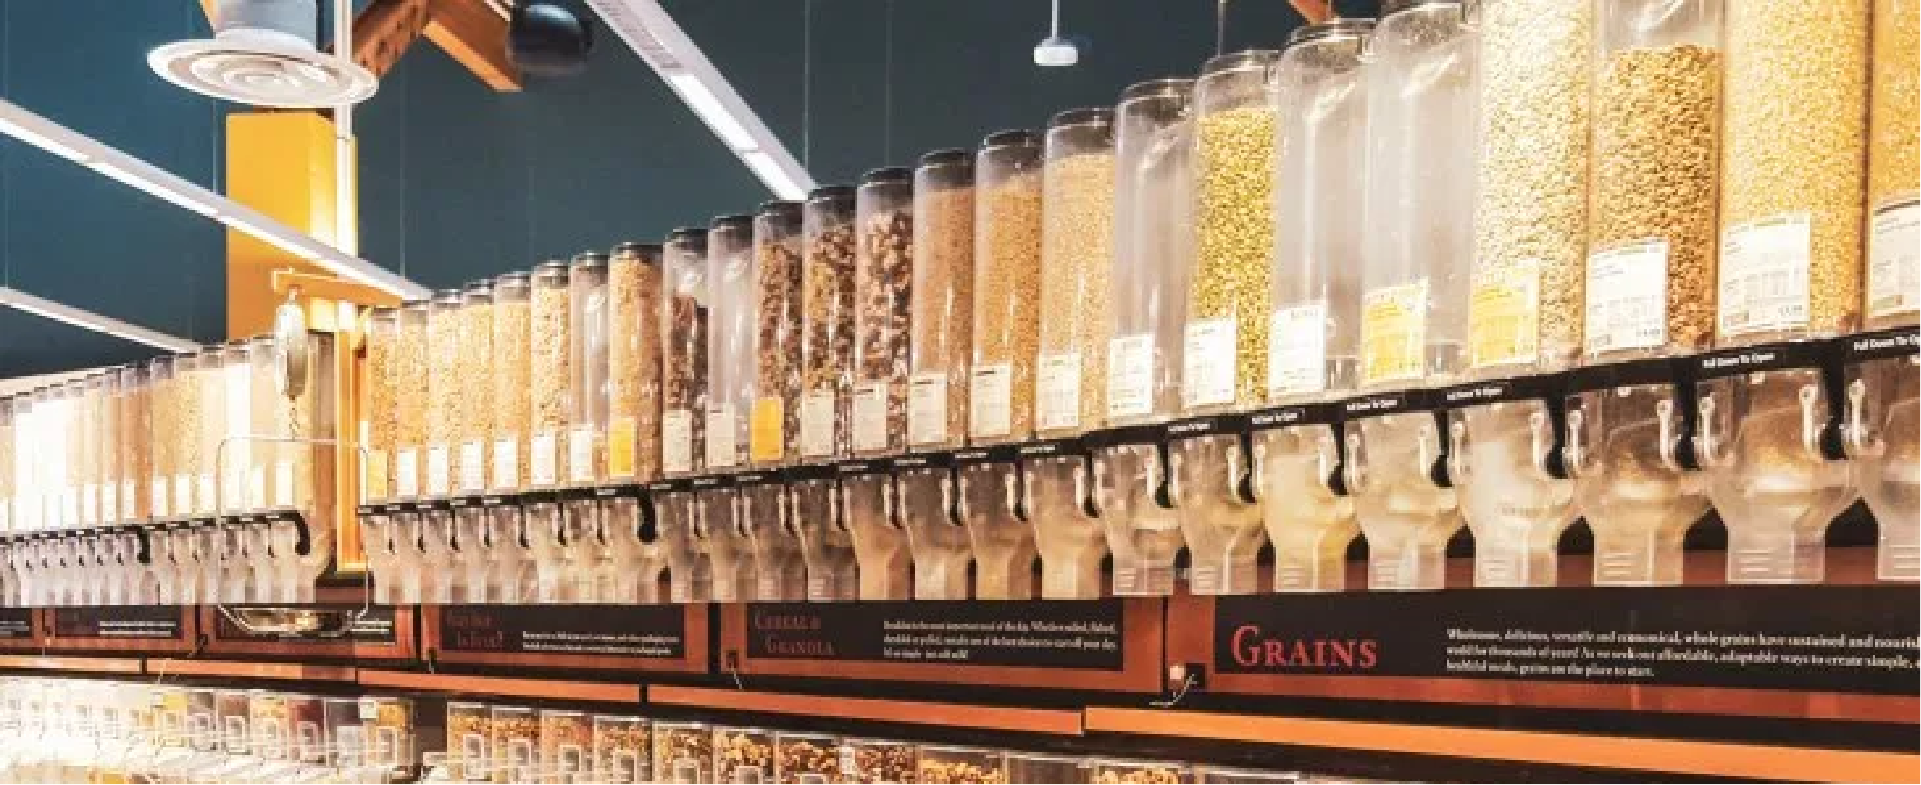 tienda a granel ecológica